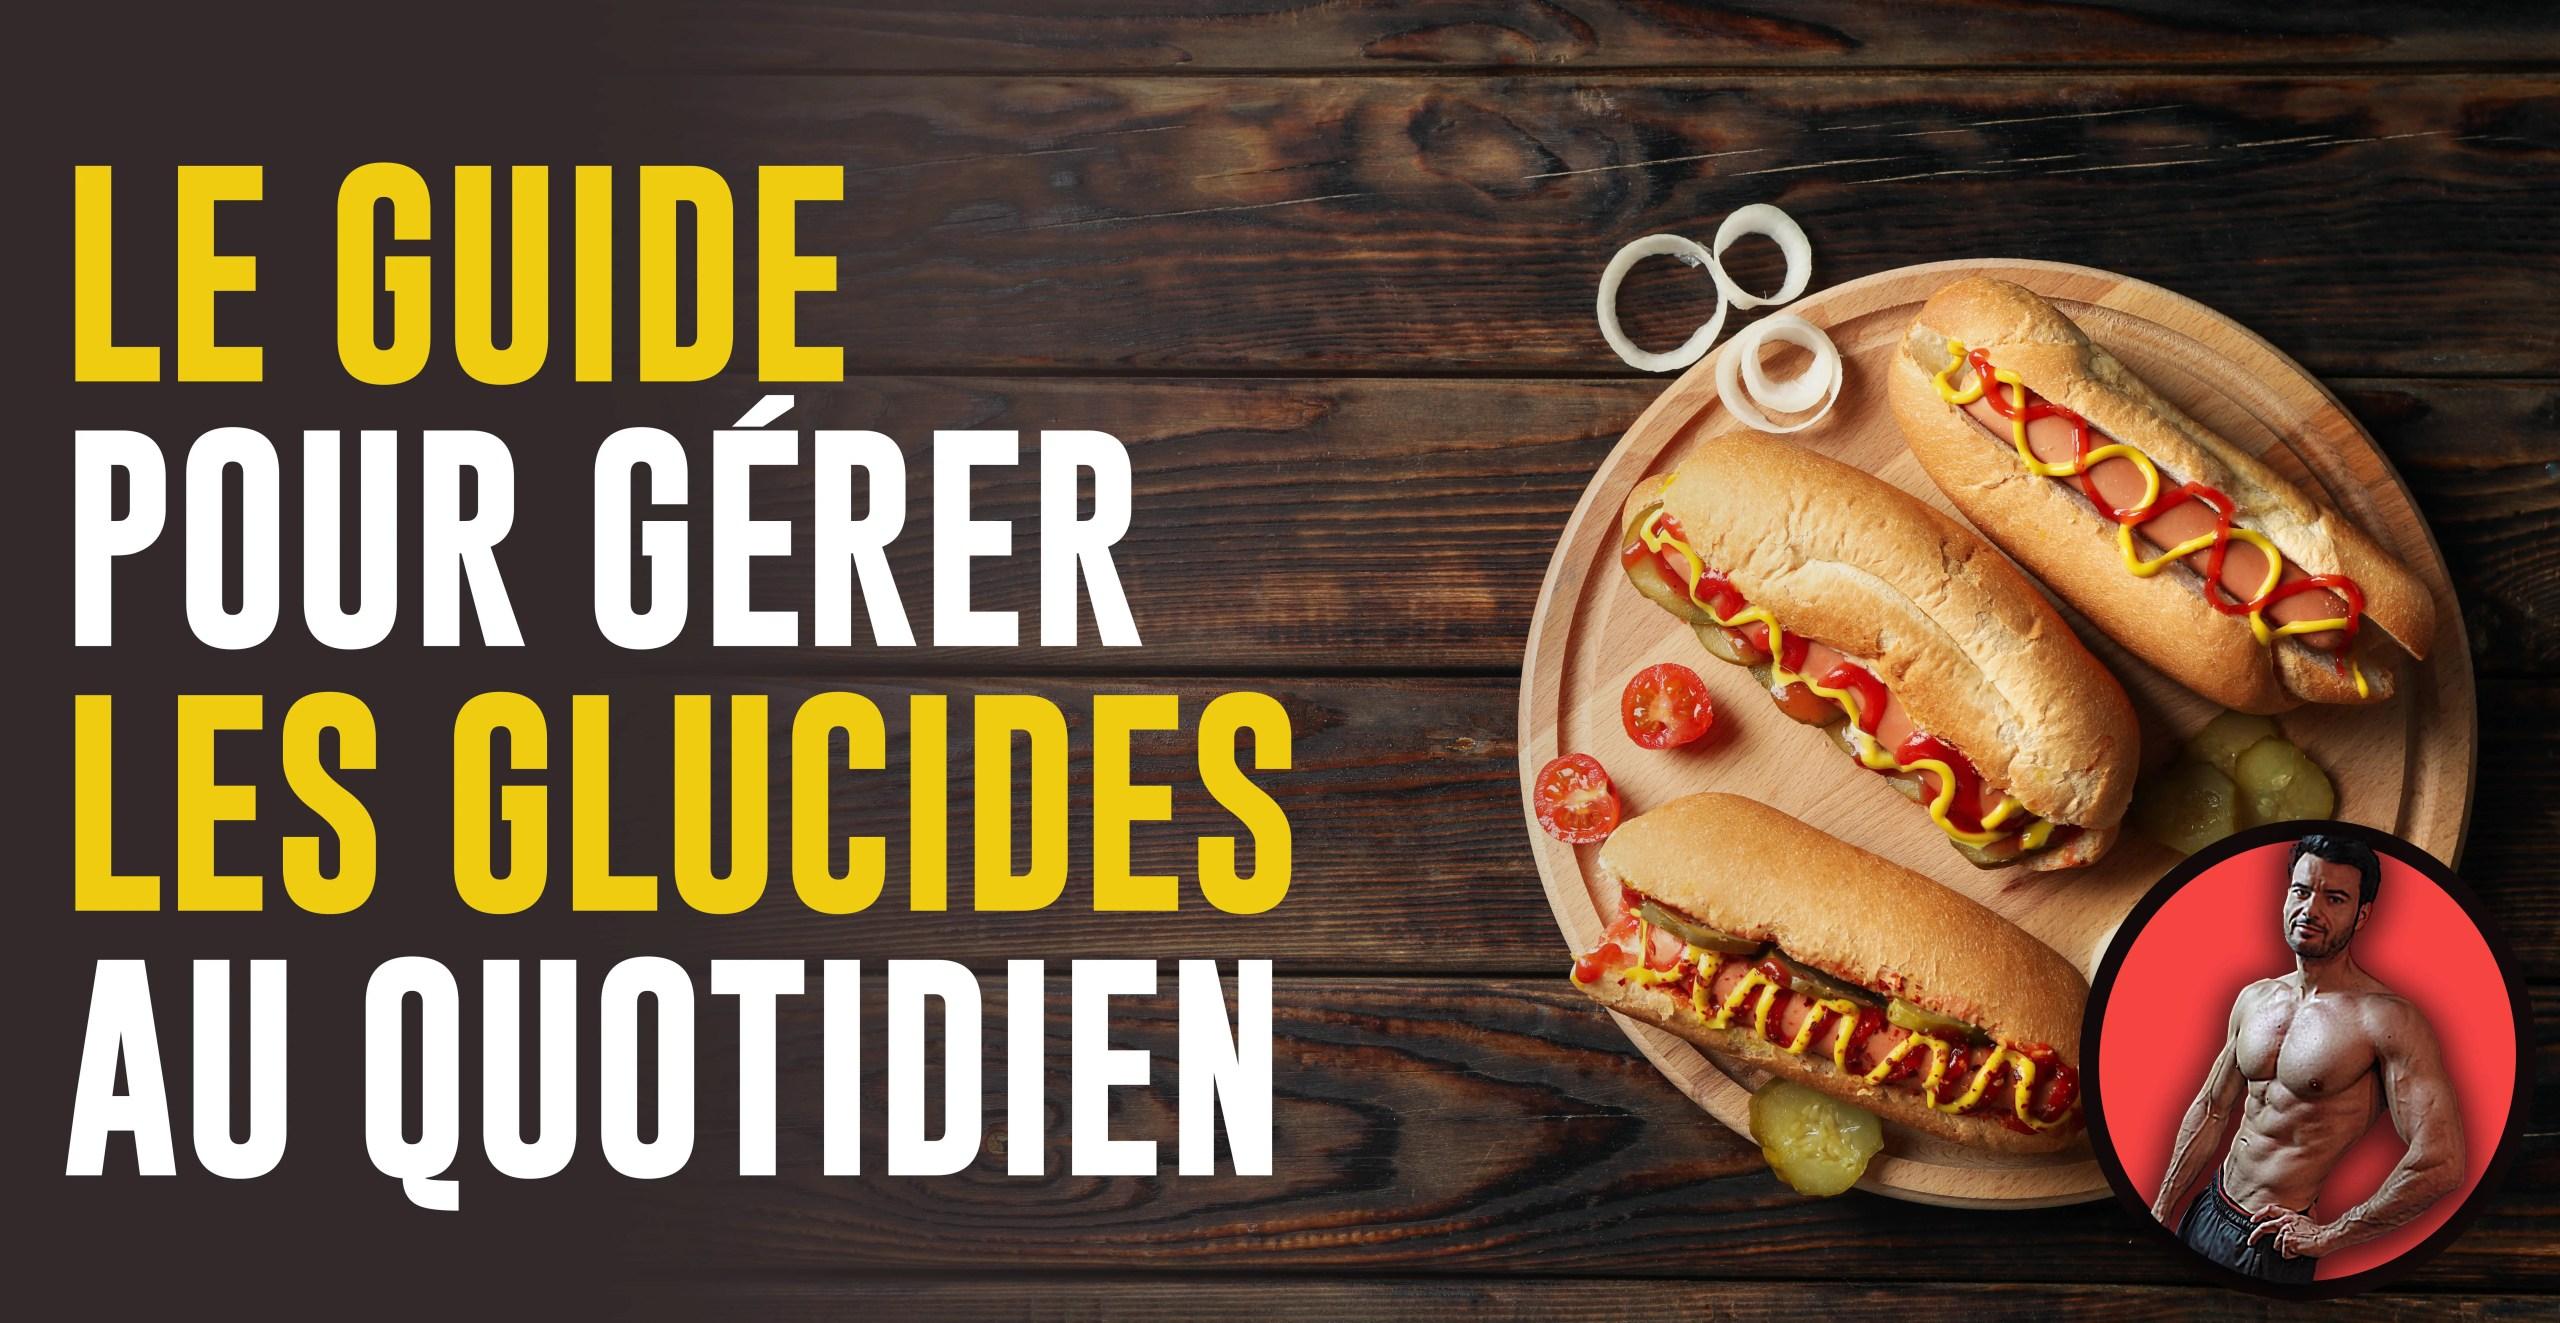 gerer-glucide-musculation